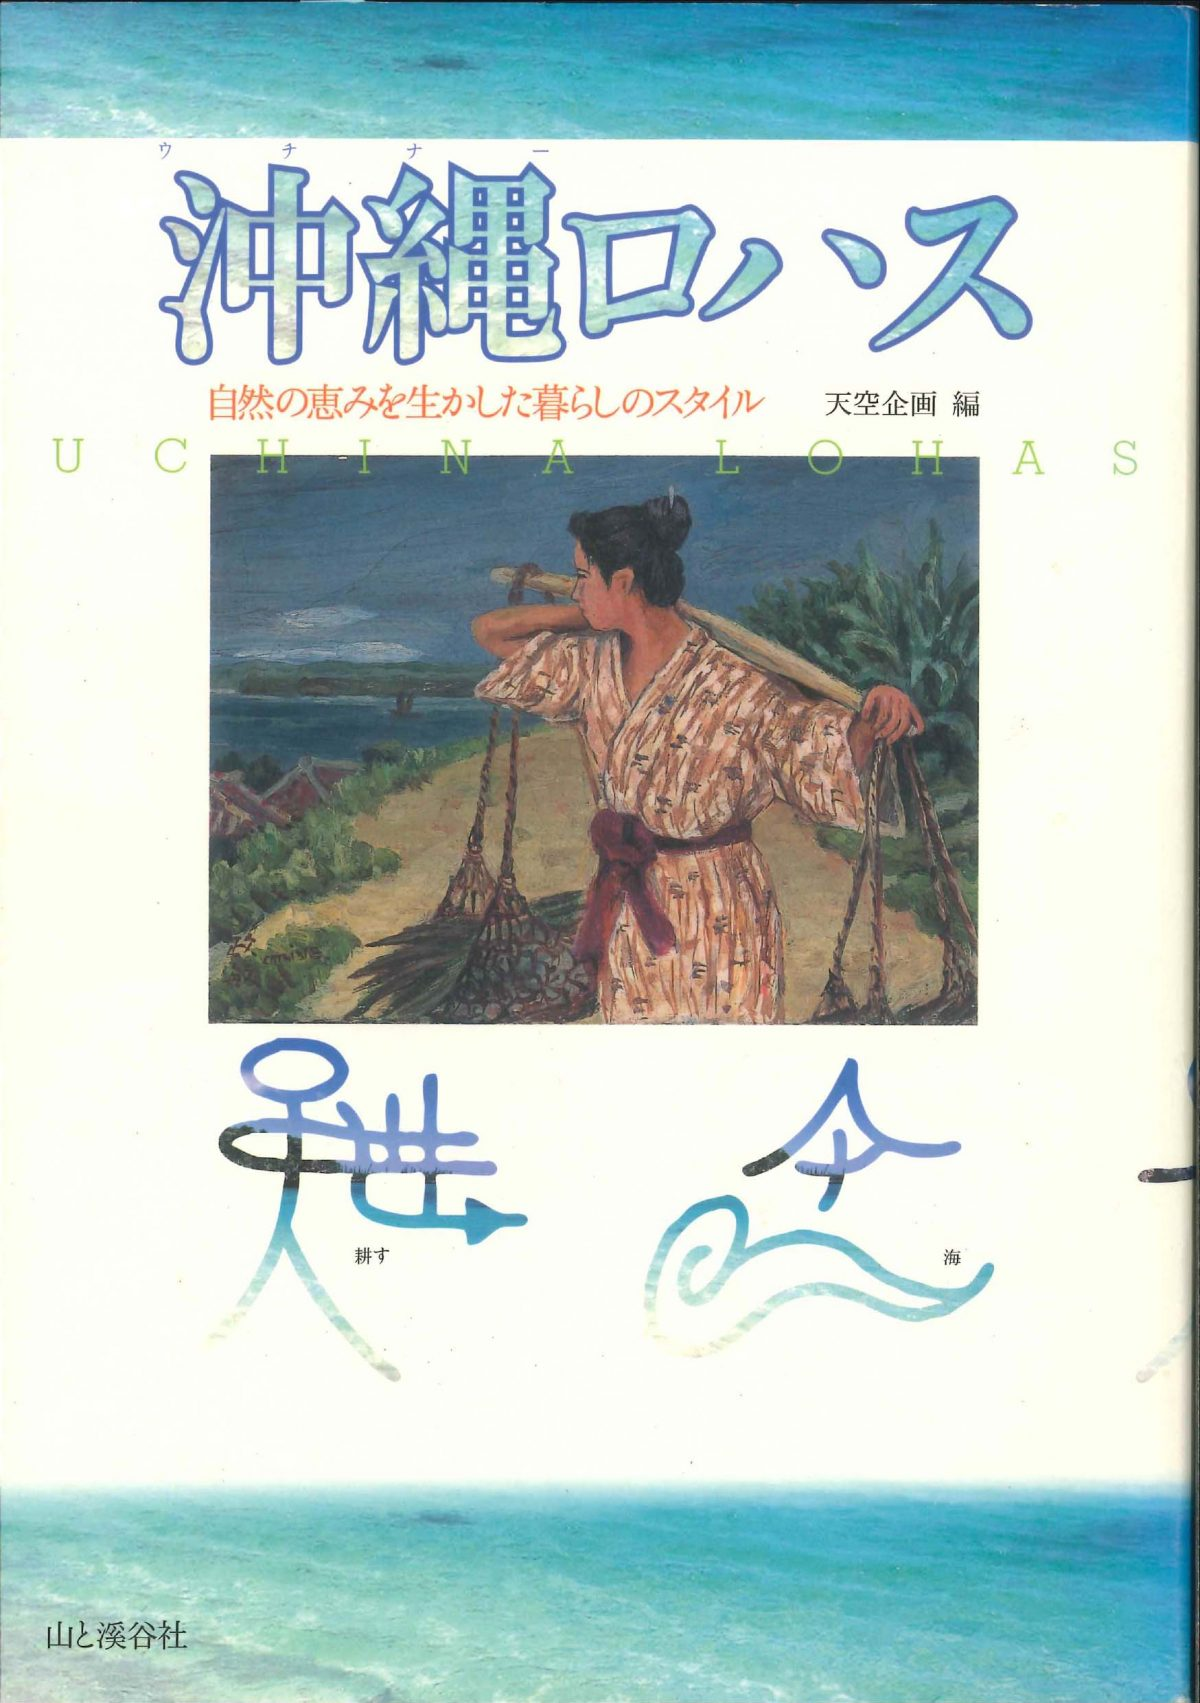 「沖縄ロハス〜自然の恵みを生かした暮らしのスタイル〜」懐かしのお仕事報告です!